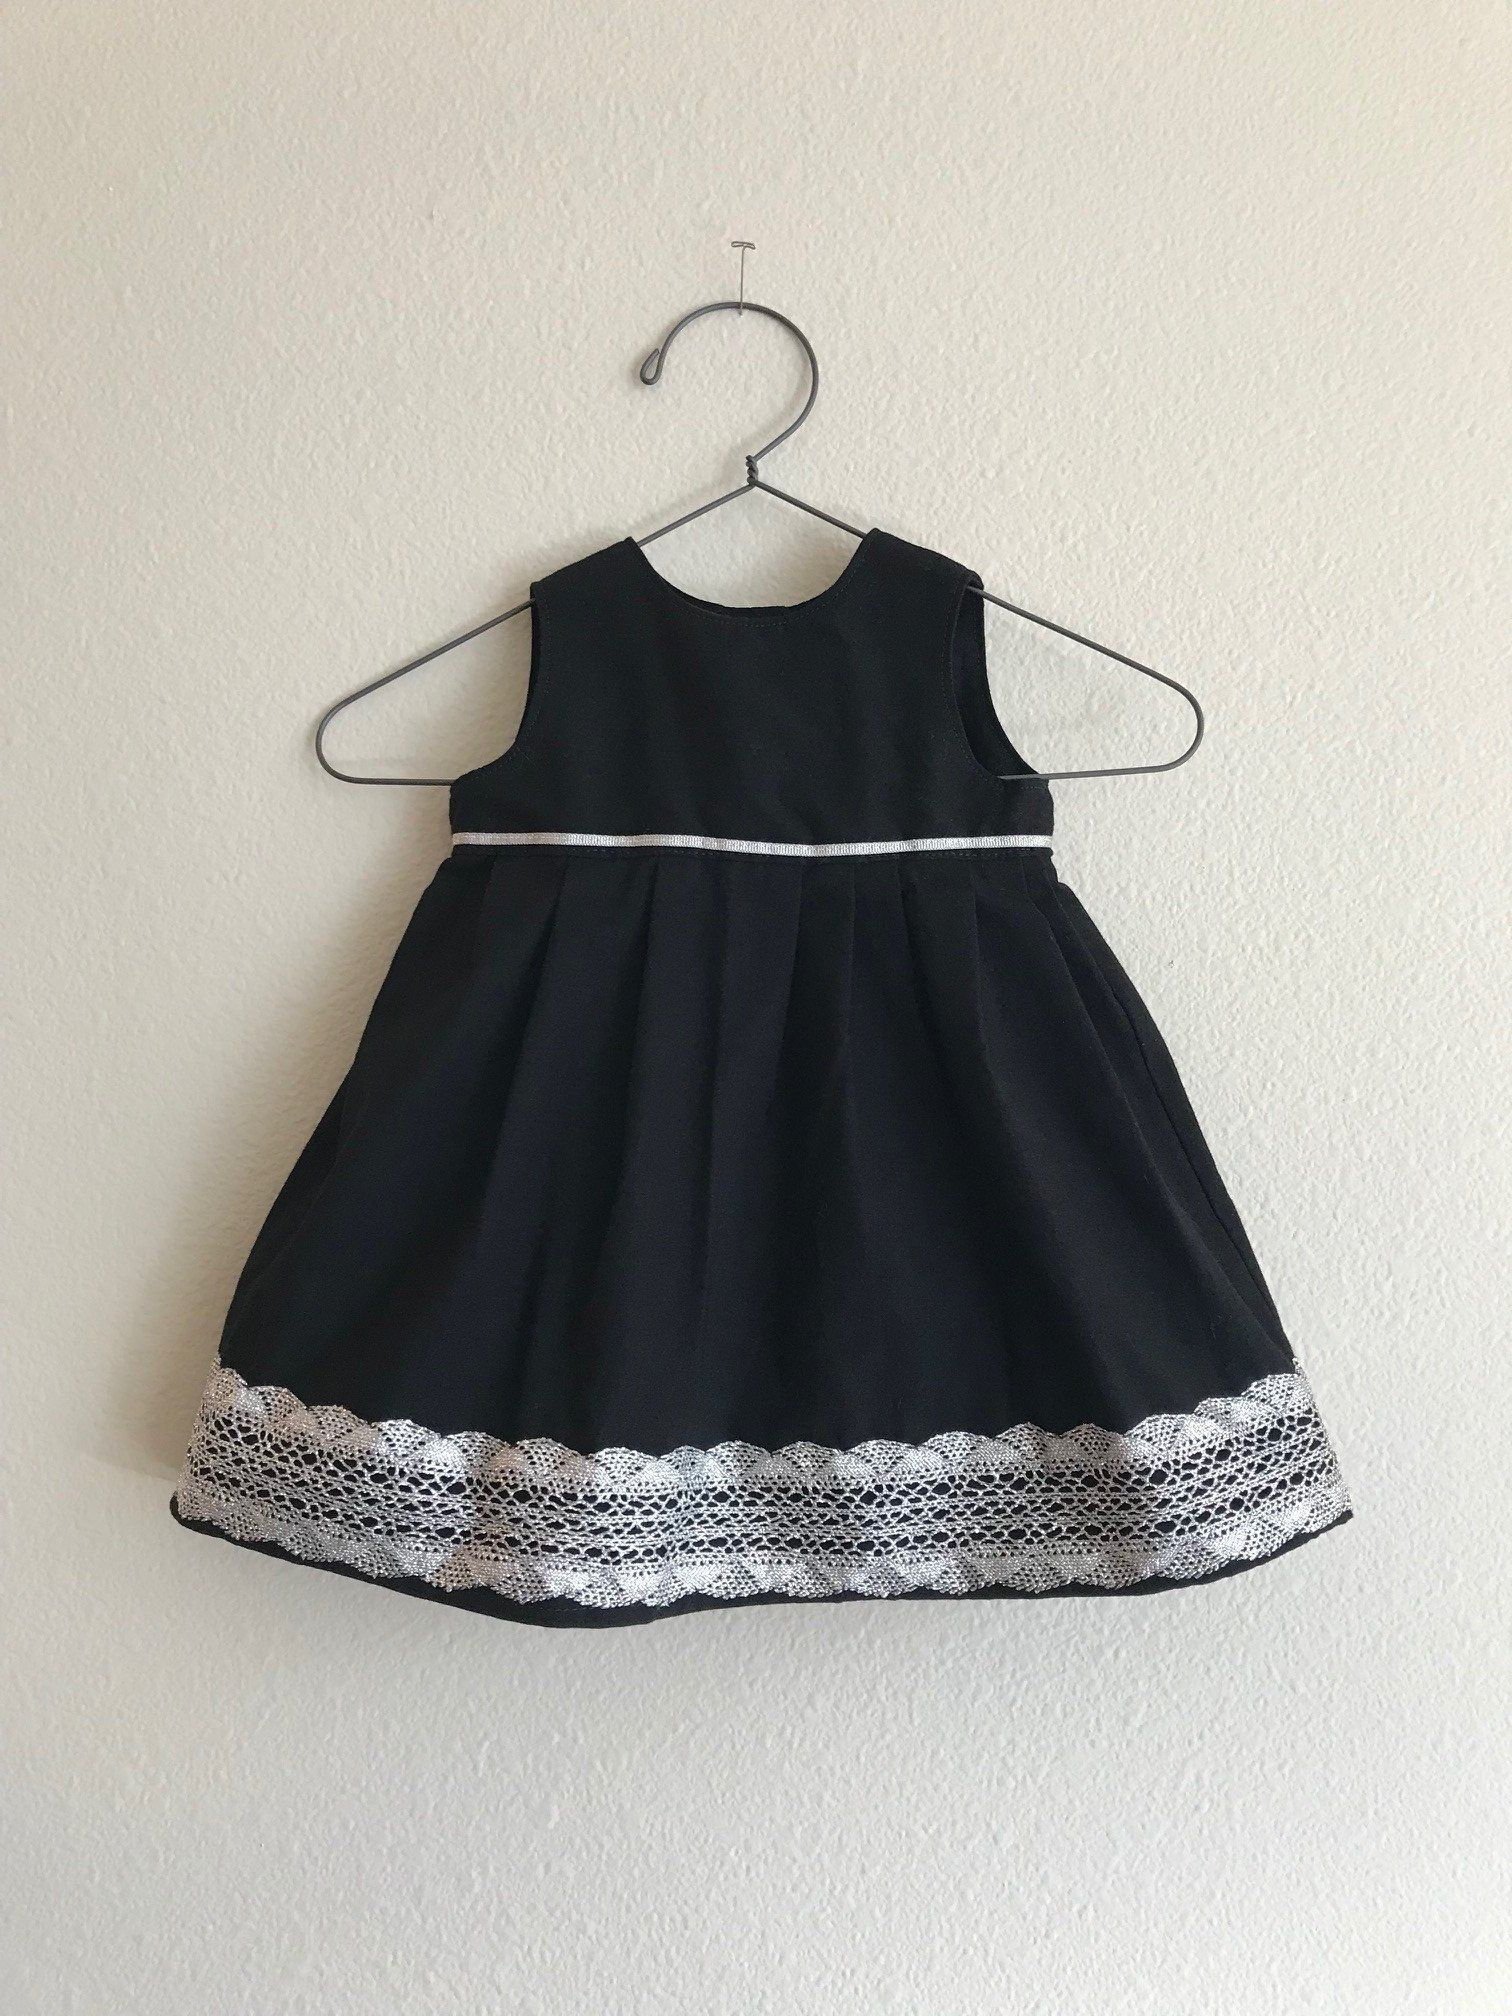 cbcd19e19 Fancy Black Baby Dress